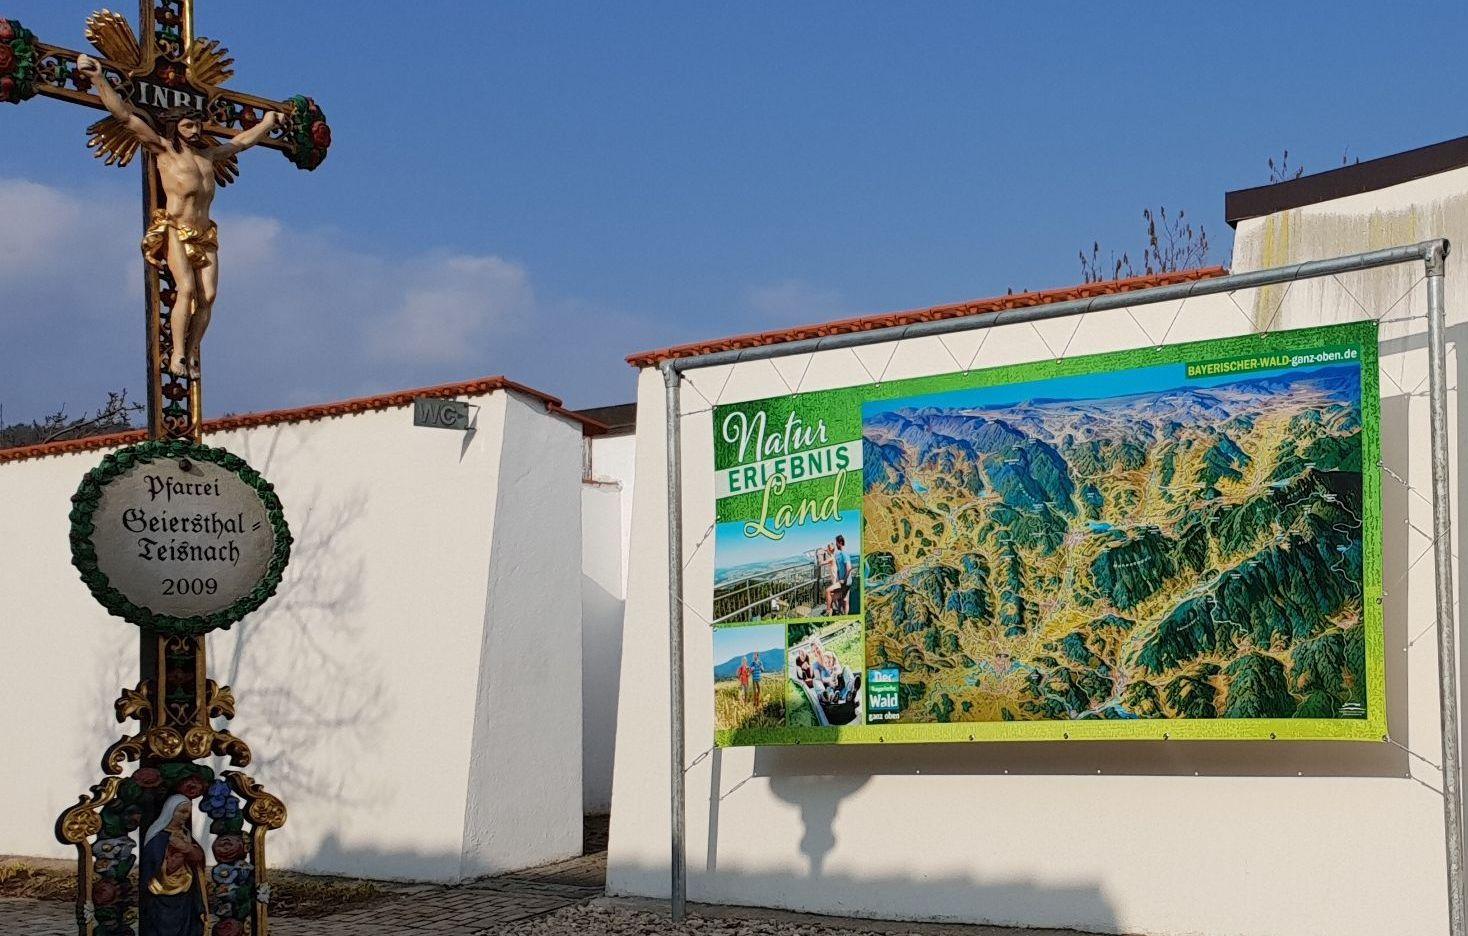 panoramakarte bayerischer wald ganz oben